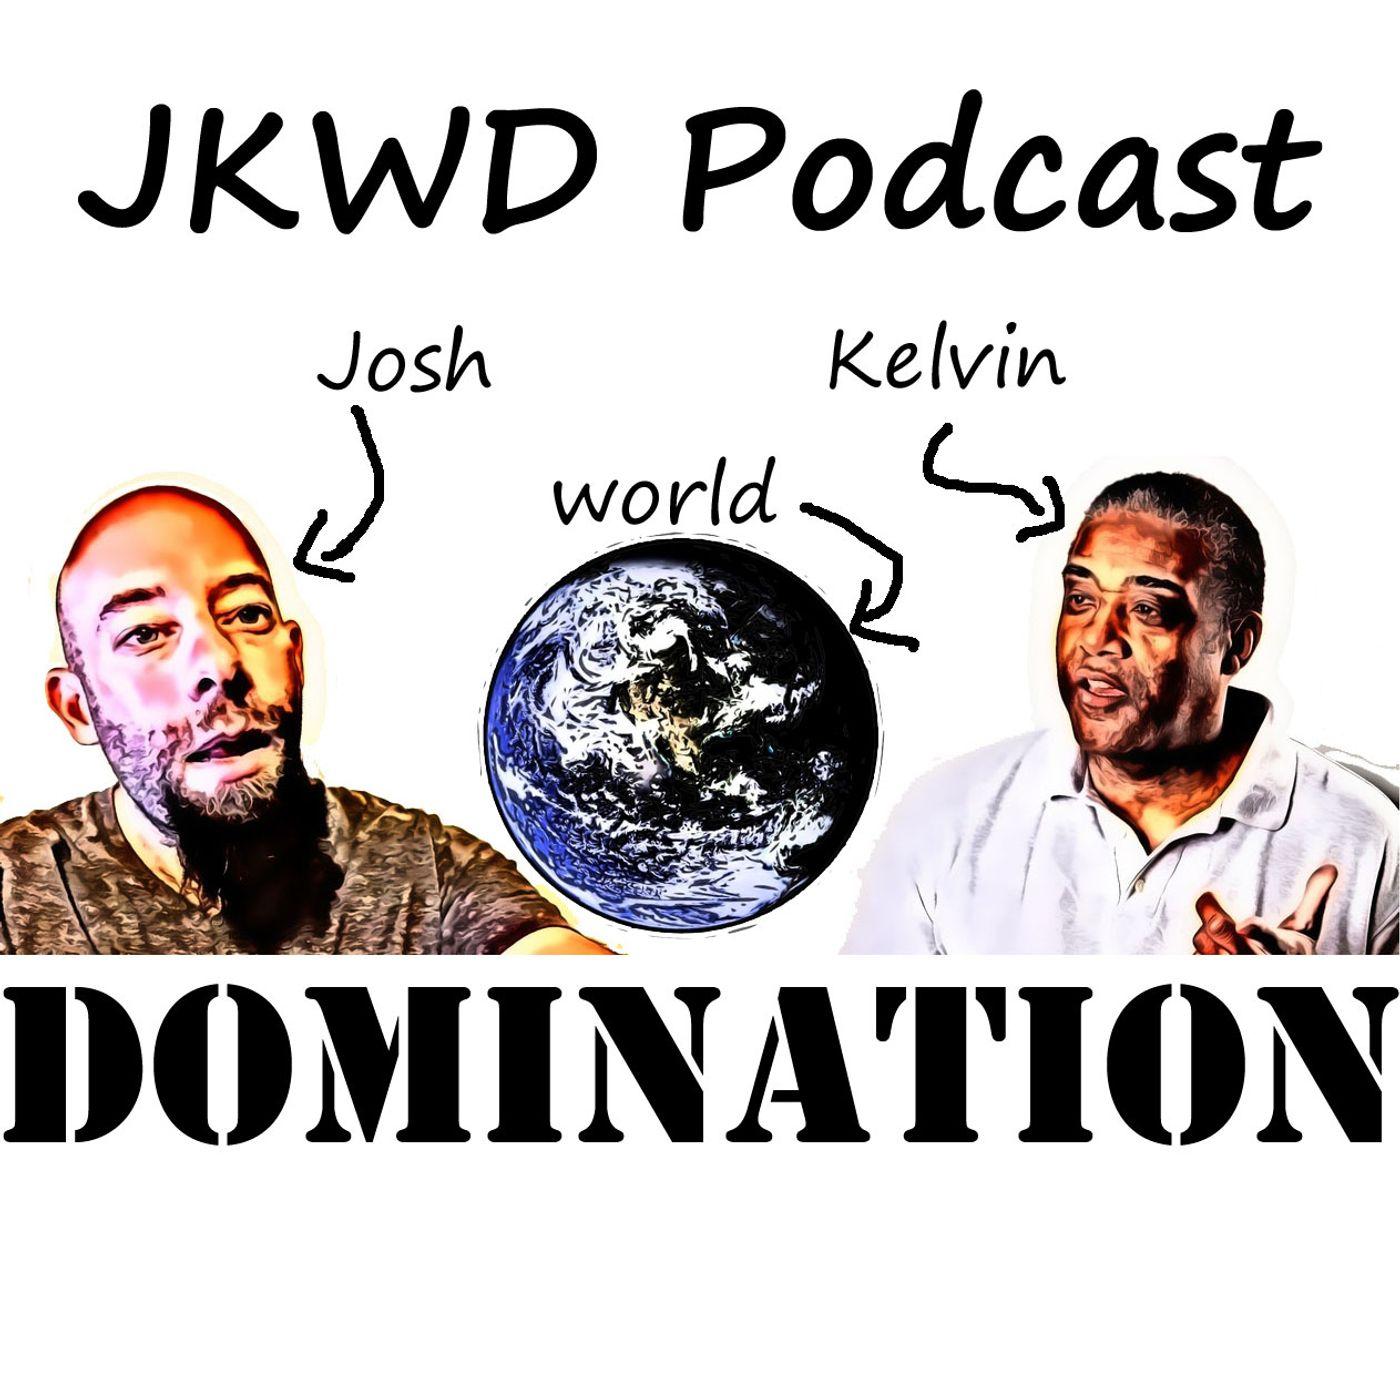 JKWD Podcast